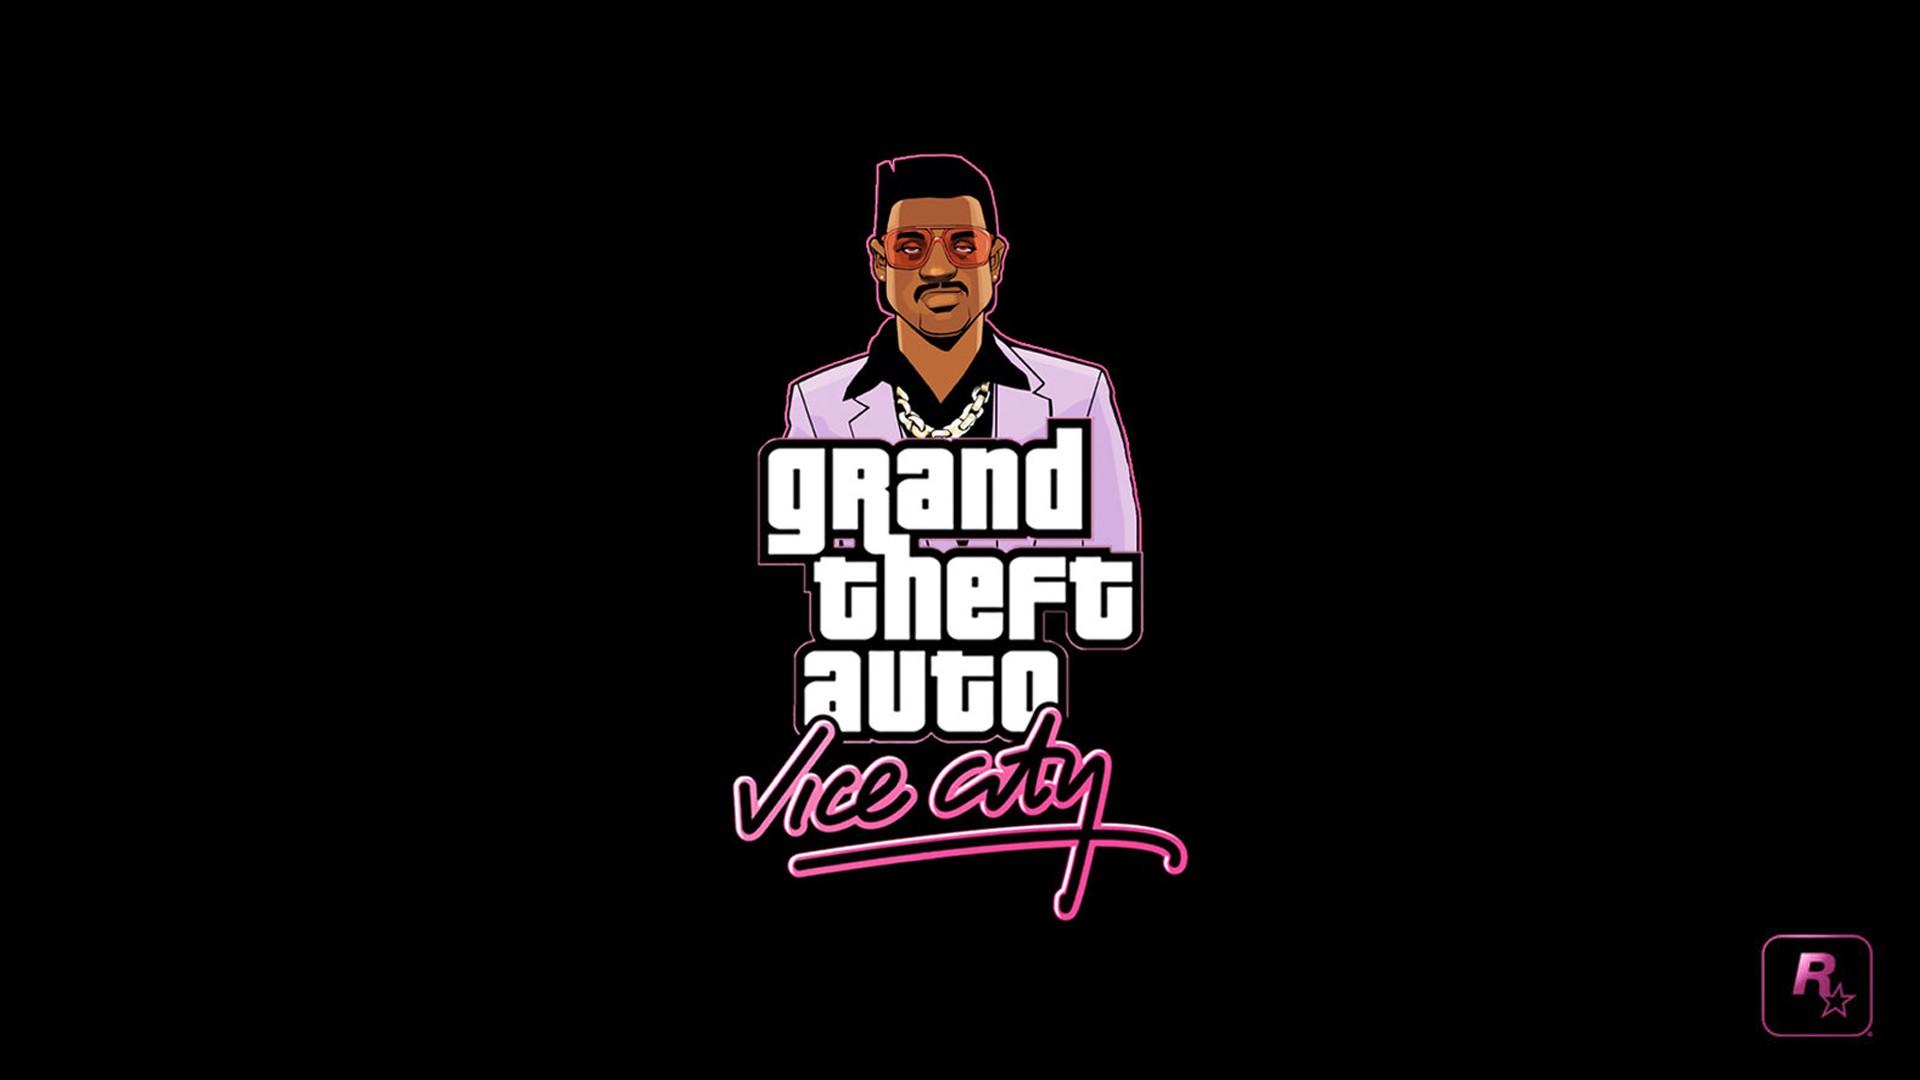 Ipad Retina Hd Wallpaper Rockstar Games: Papel De Parede : Videogames, Grand Theft Auto Vice City